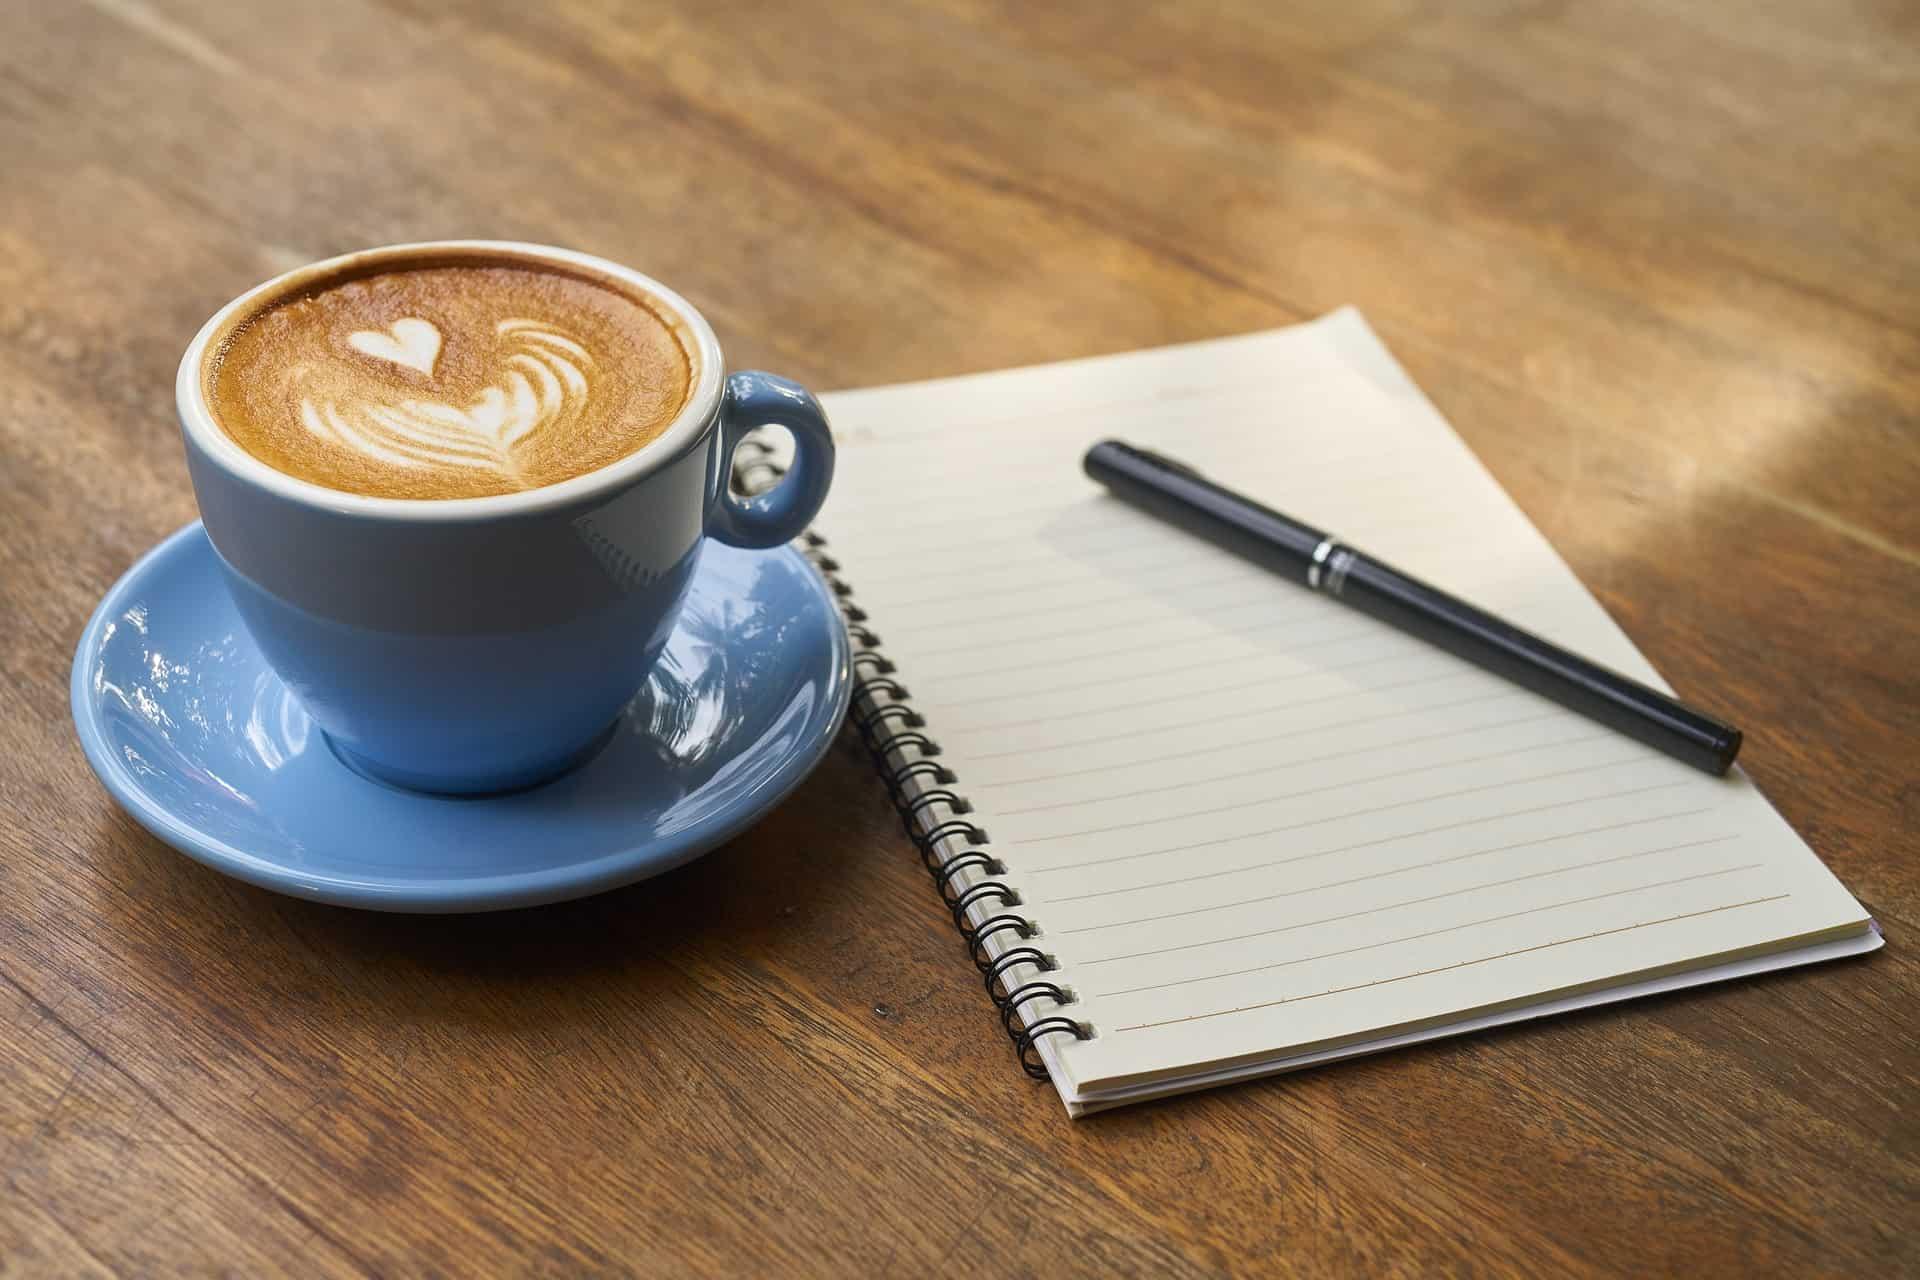 Eine Tasse Kaffee und ein Notizblock mit Stift